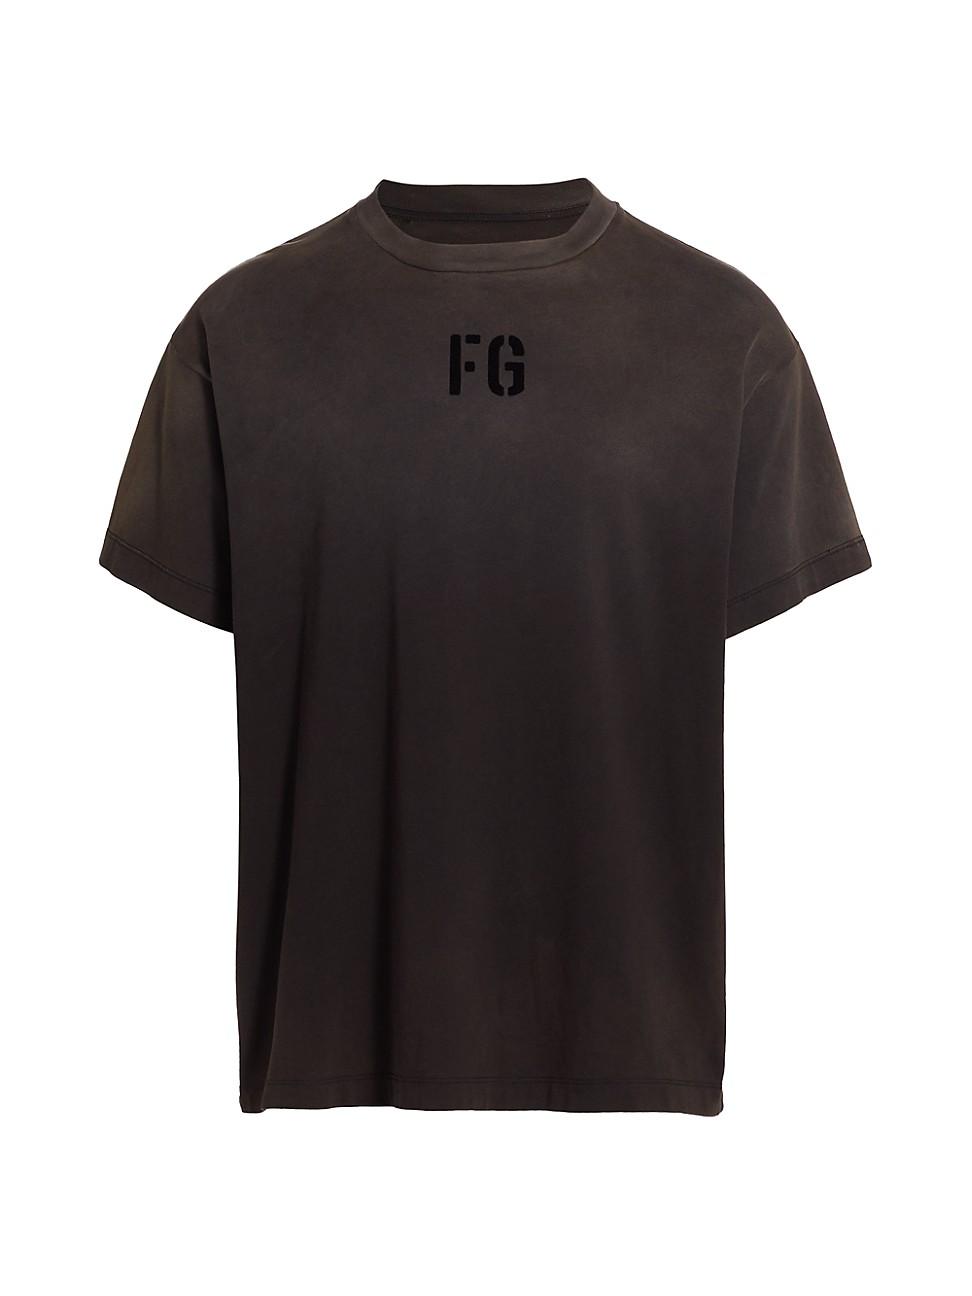 Fear Of God MEN'S FG VINTAGE T-SHIRT